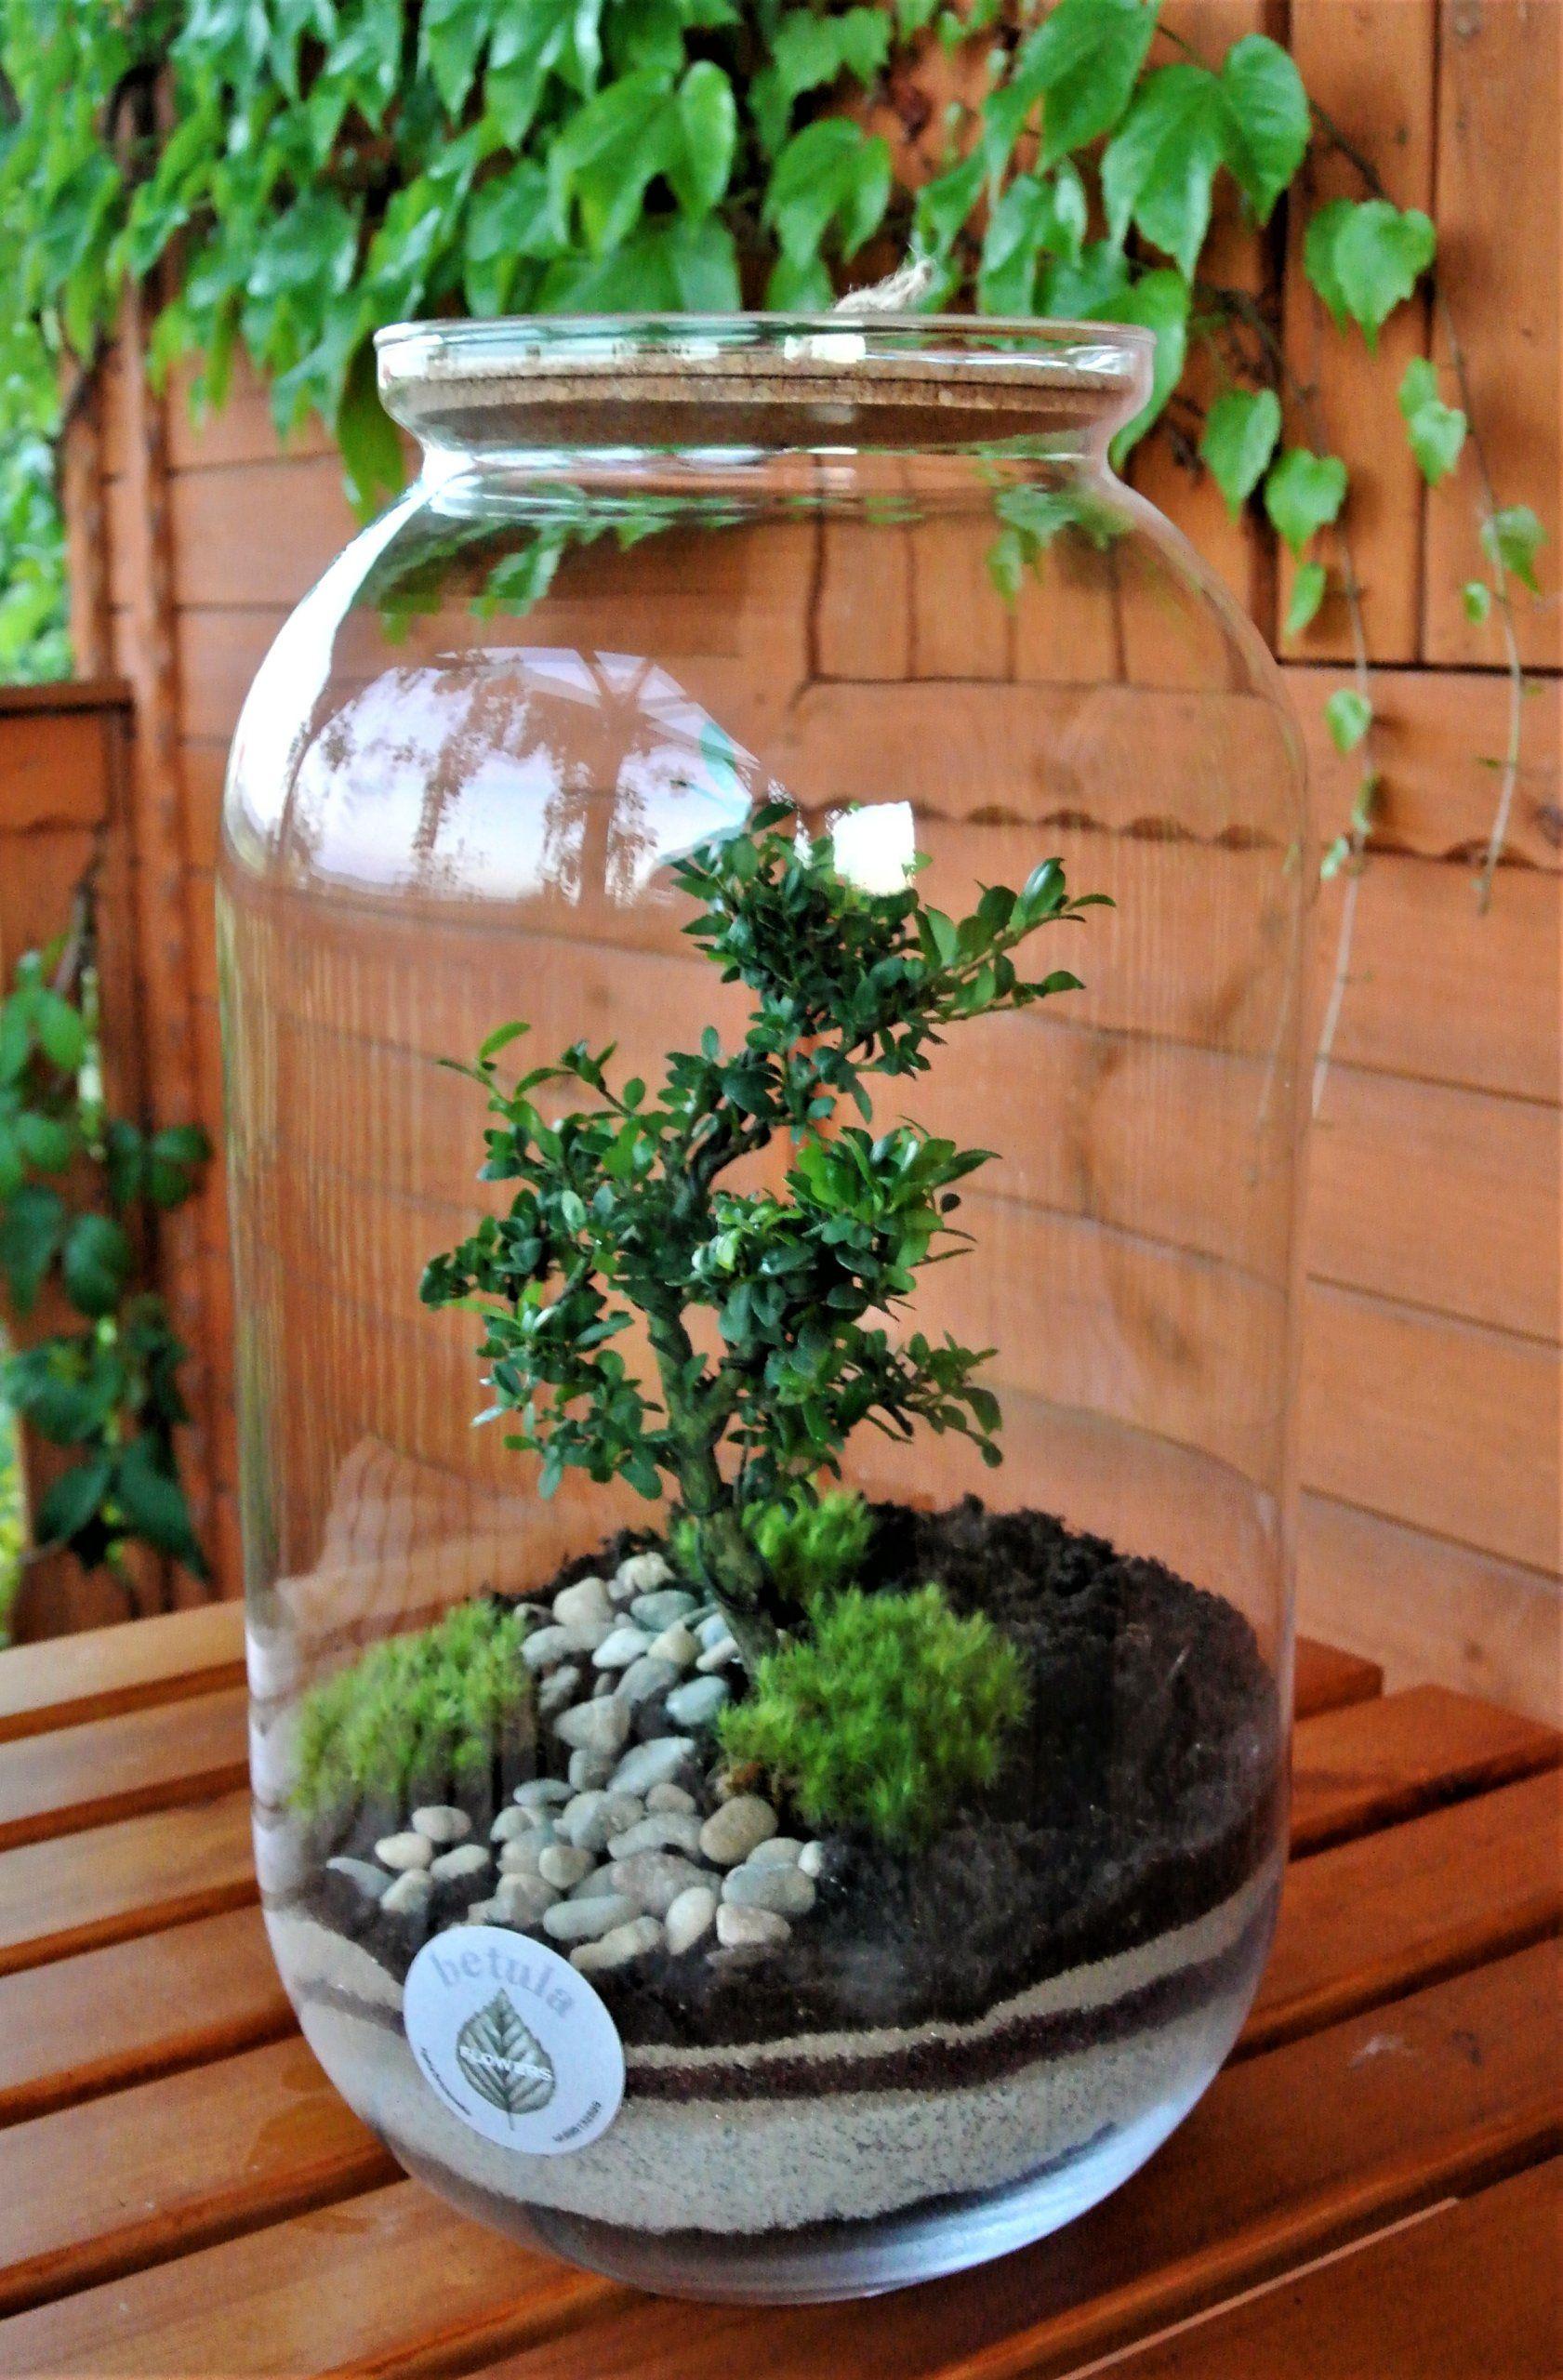 Las W Sloiku Rosliny Zamkniete W Szkle Plants In Jars Plants Plant In Glass